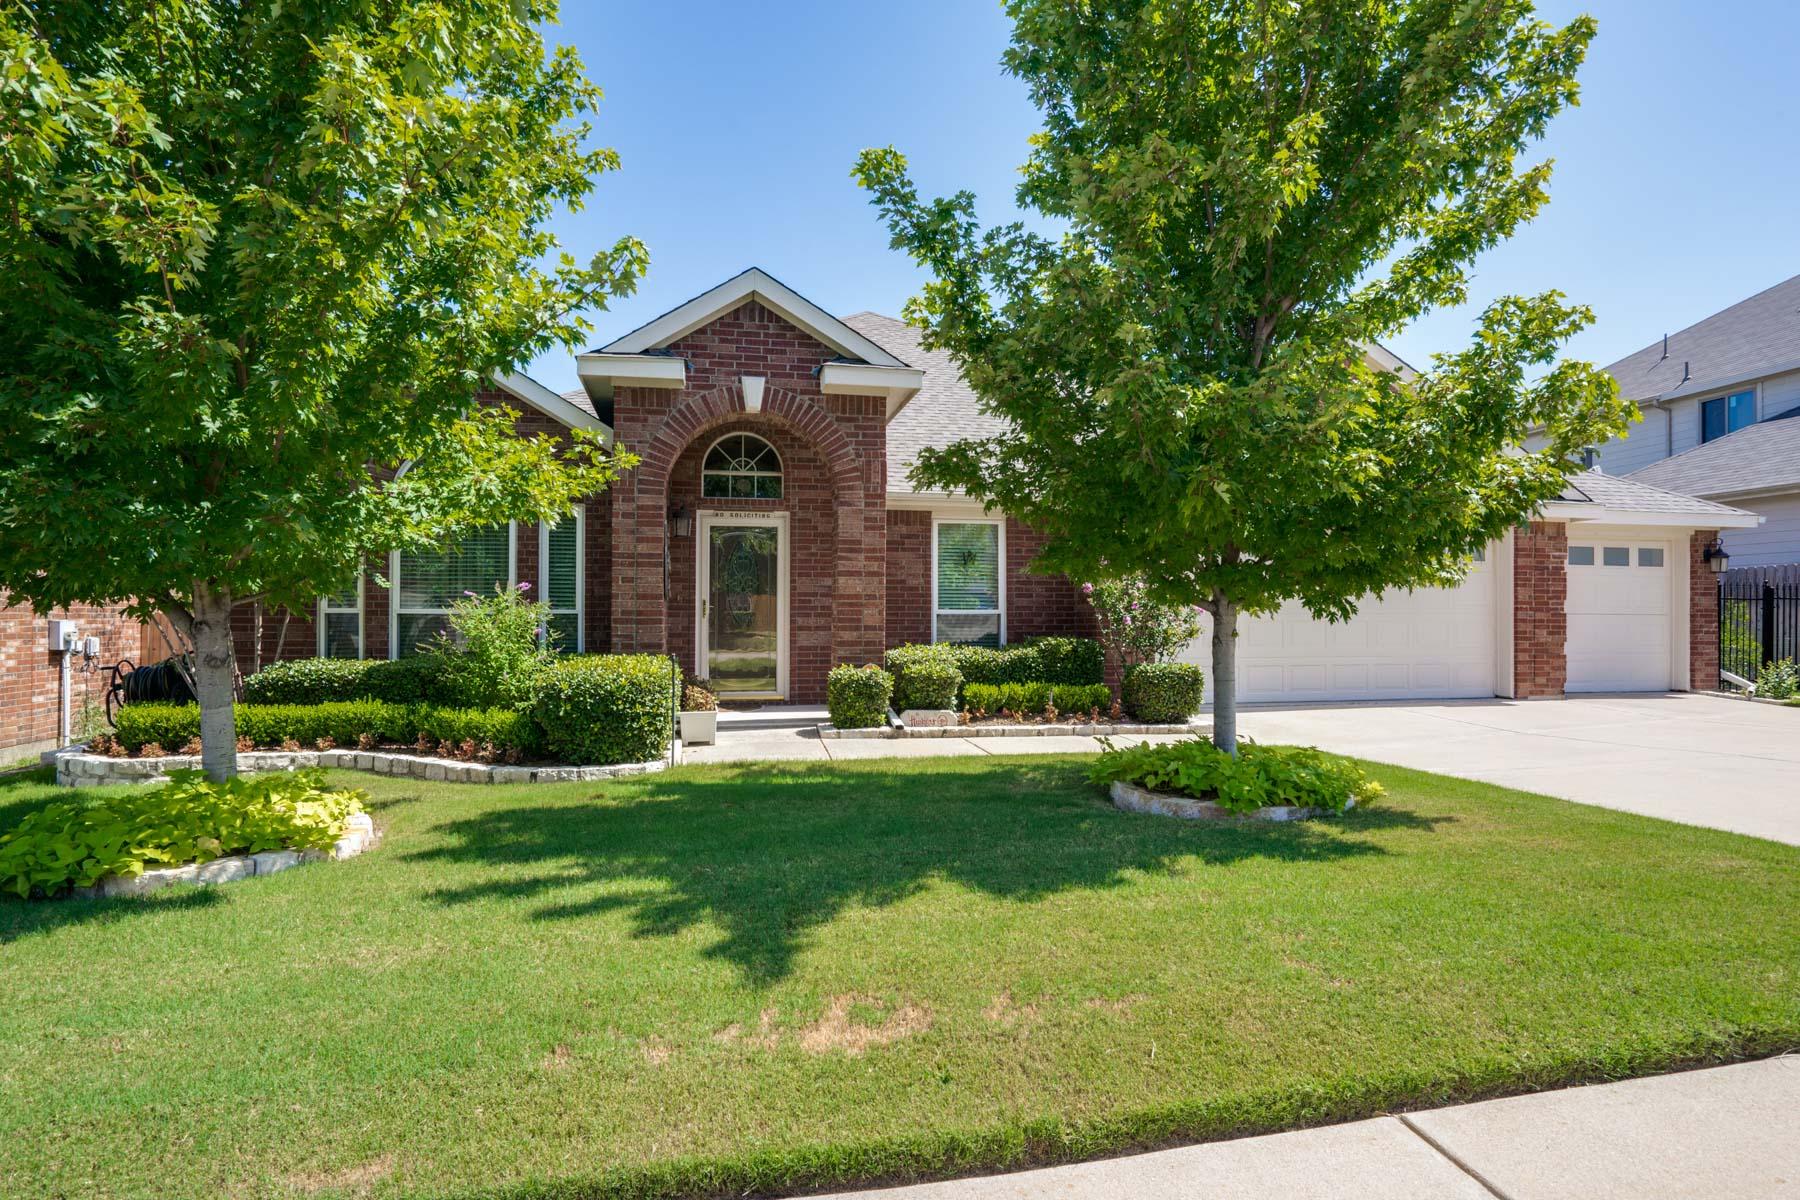 Nhà ở một gia đình vì Bán tại Summer Park Traditional 8345 Summer Park Dr Fort Worth, Texas, 76123 Hoa Kỳ